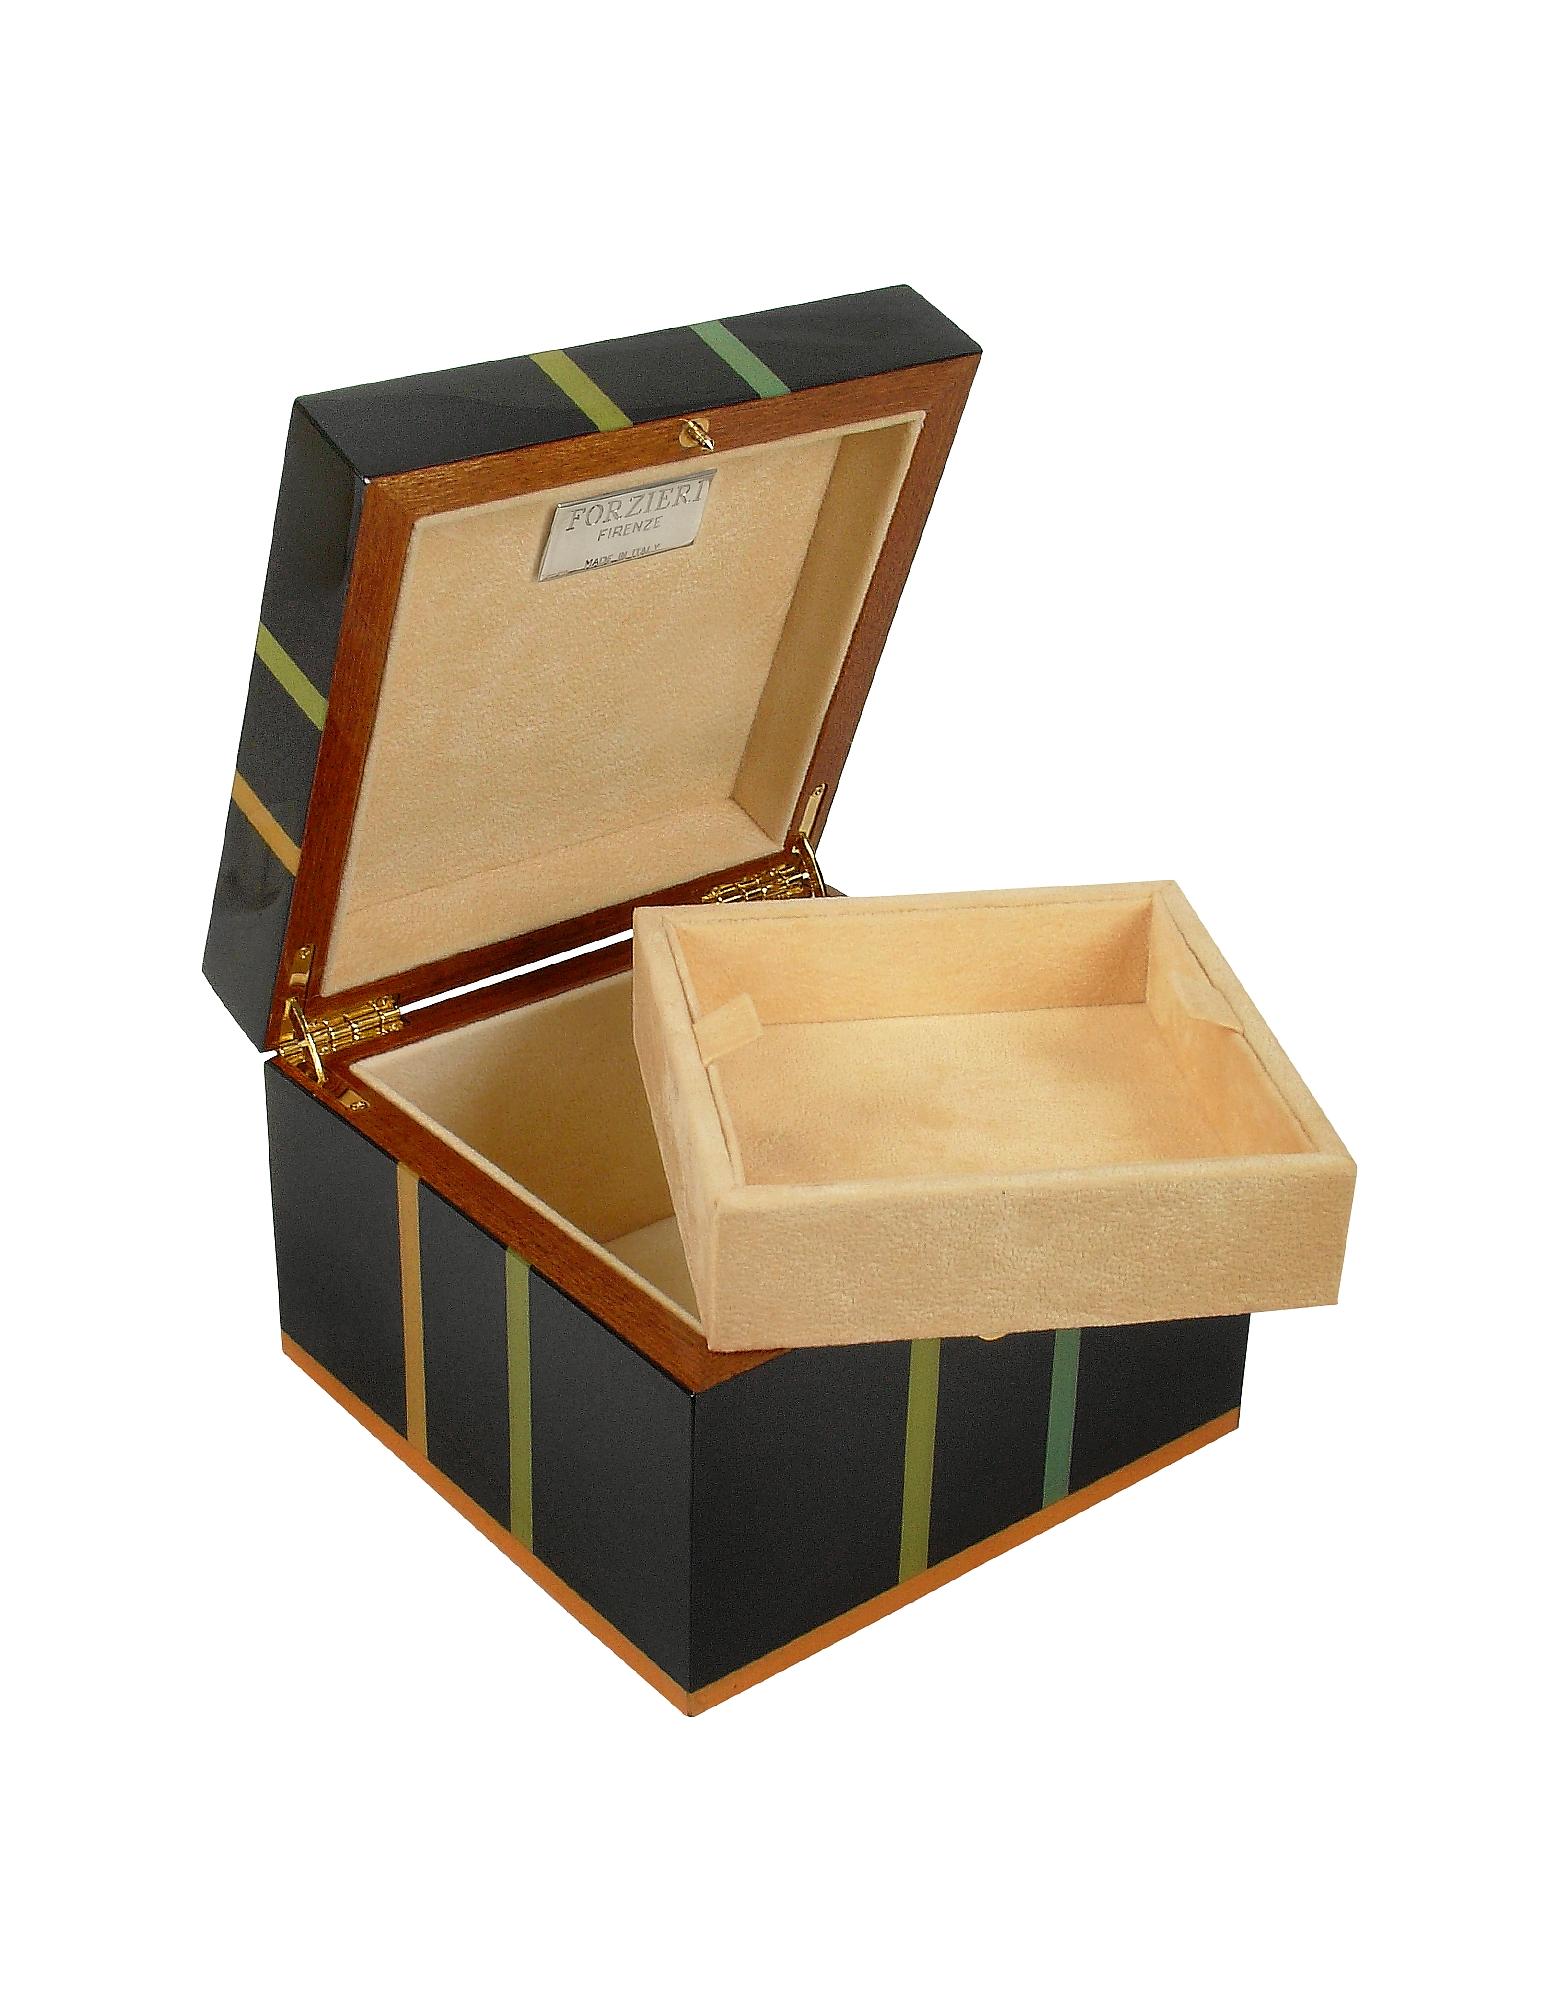 Black Geometric Inlaid Wood Jewelry Box от Forzieri.com INT